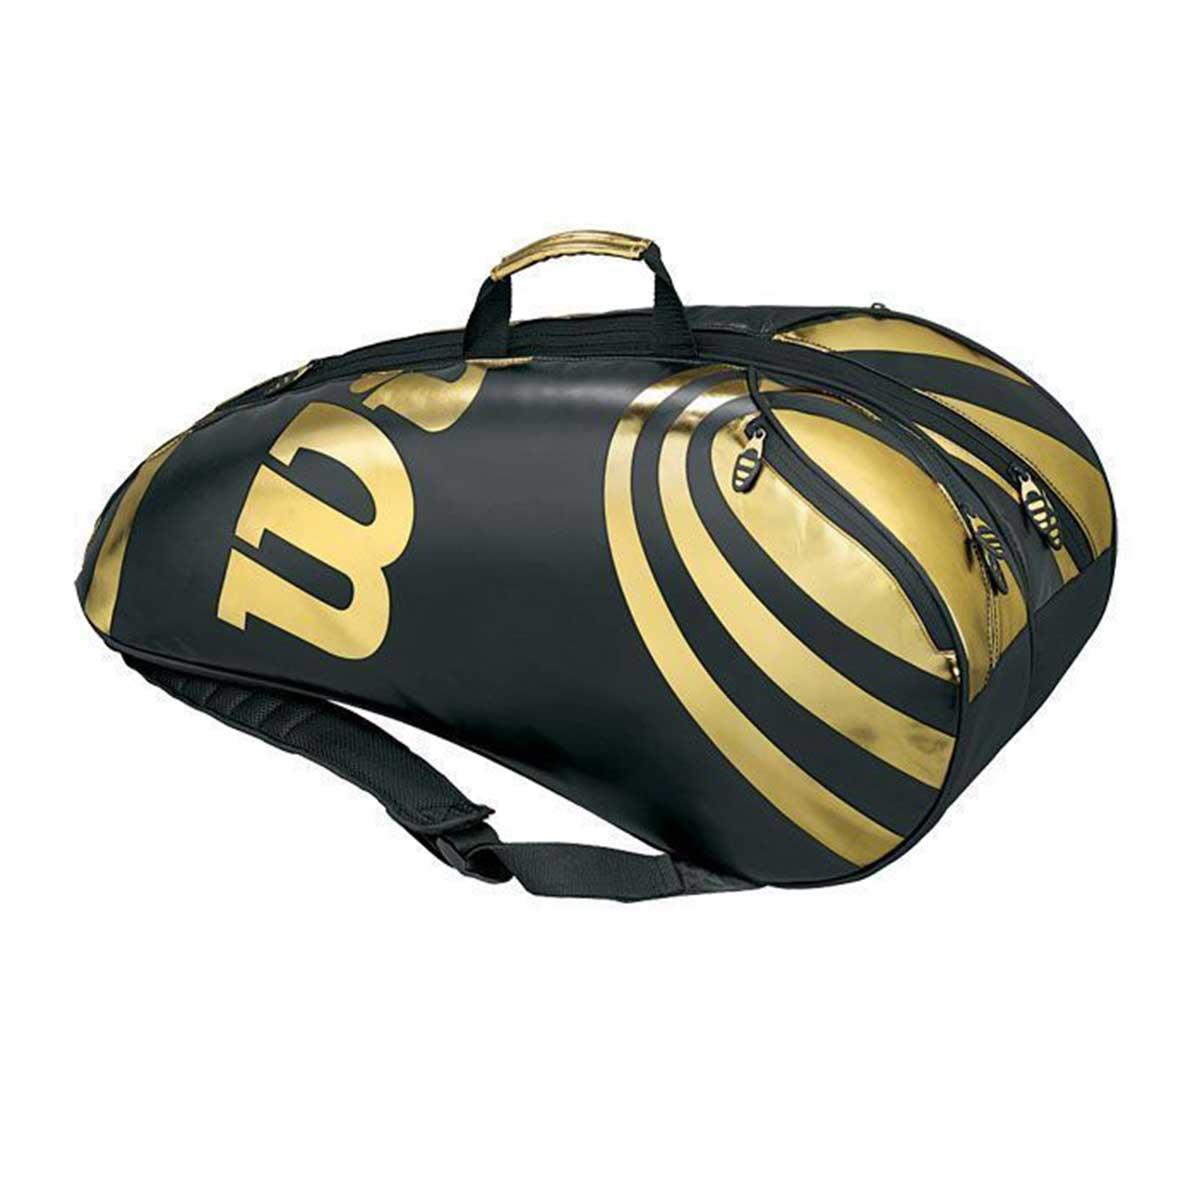 Buy Wilson Tour 6 Pack Tennis Kit Bag Online India c933769e47